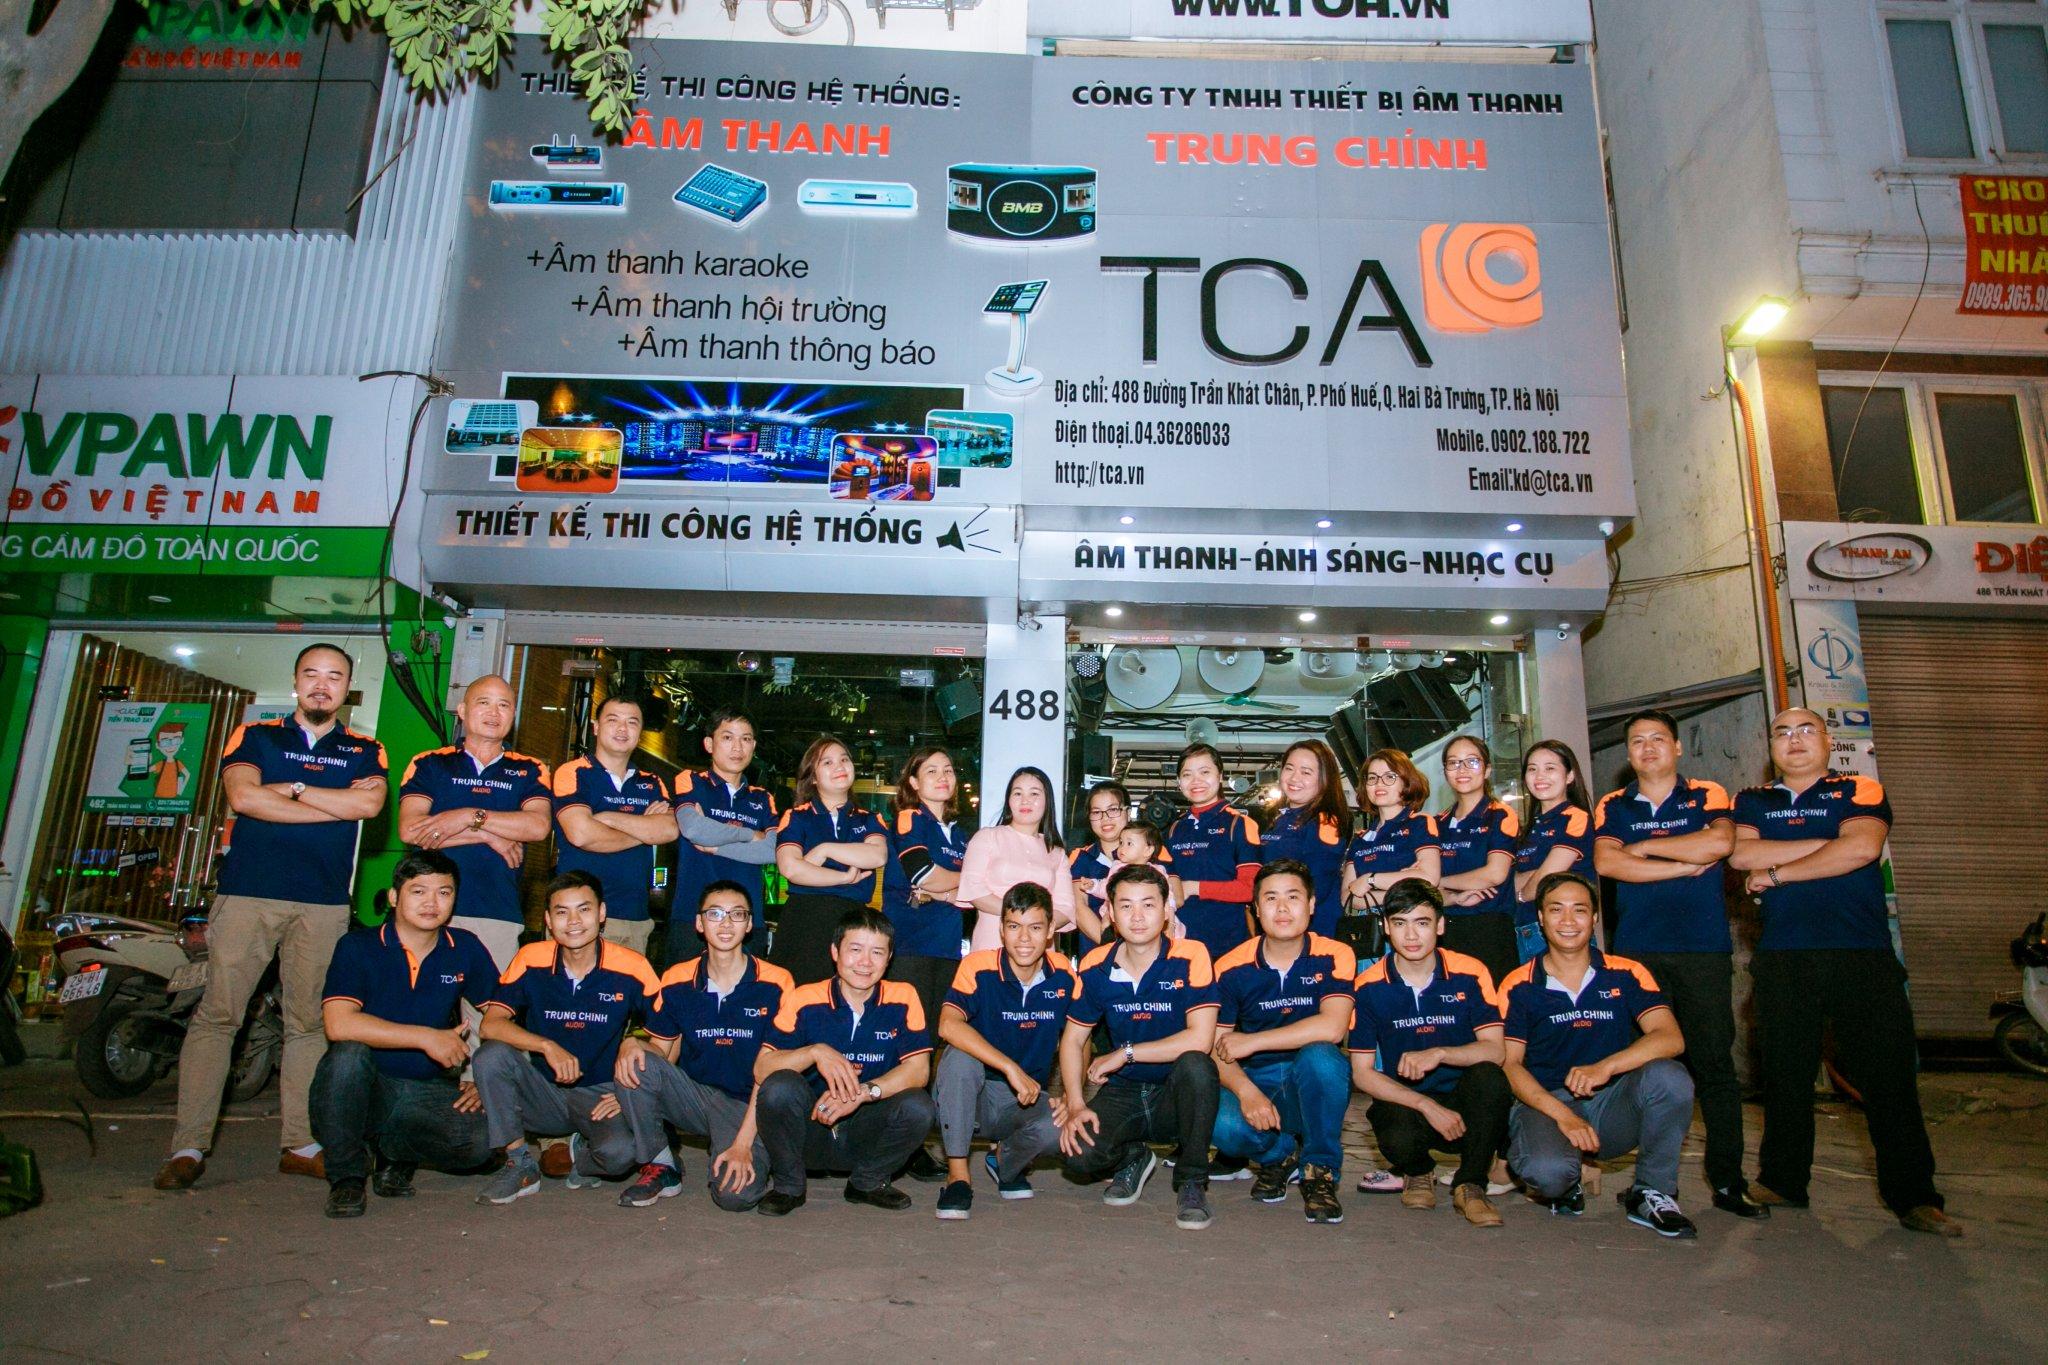 Công ty tại địa chỉ số 488, Trần Khát Chân, phường Phố Huế, quận Hai Bà Trưng, Hà Nội